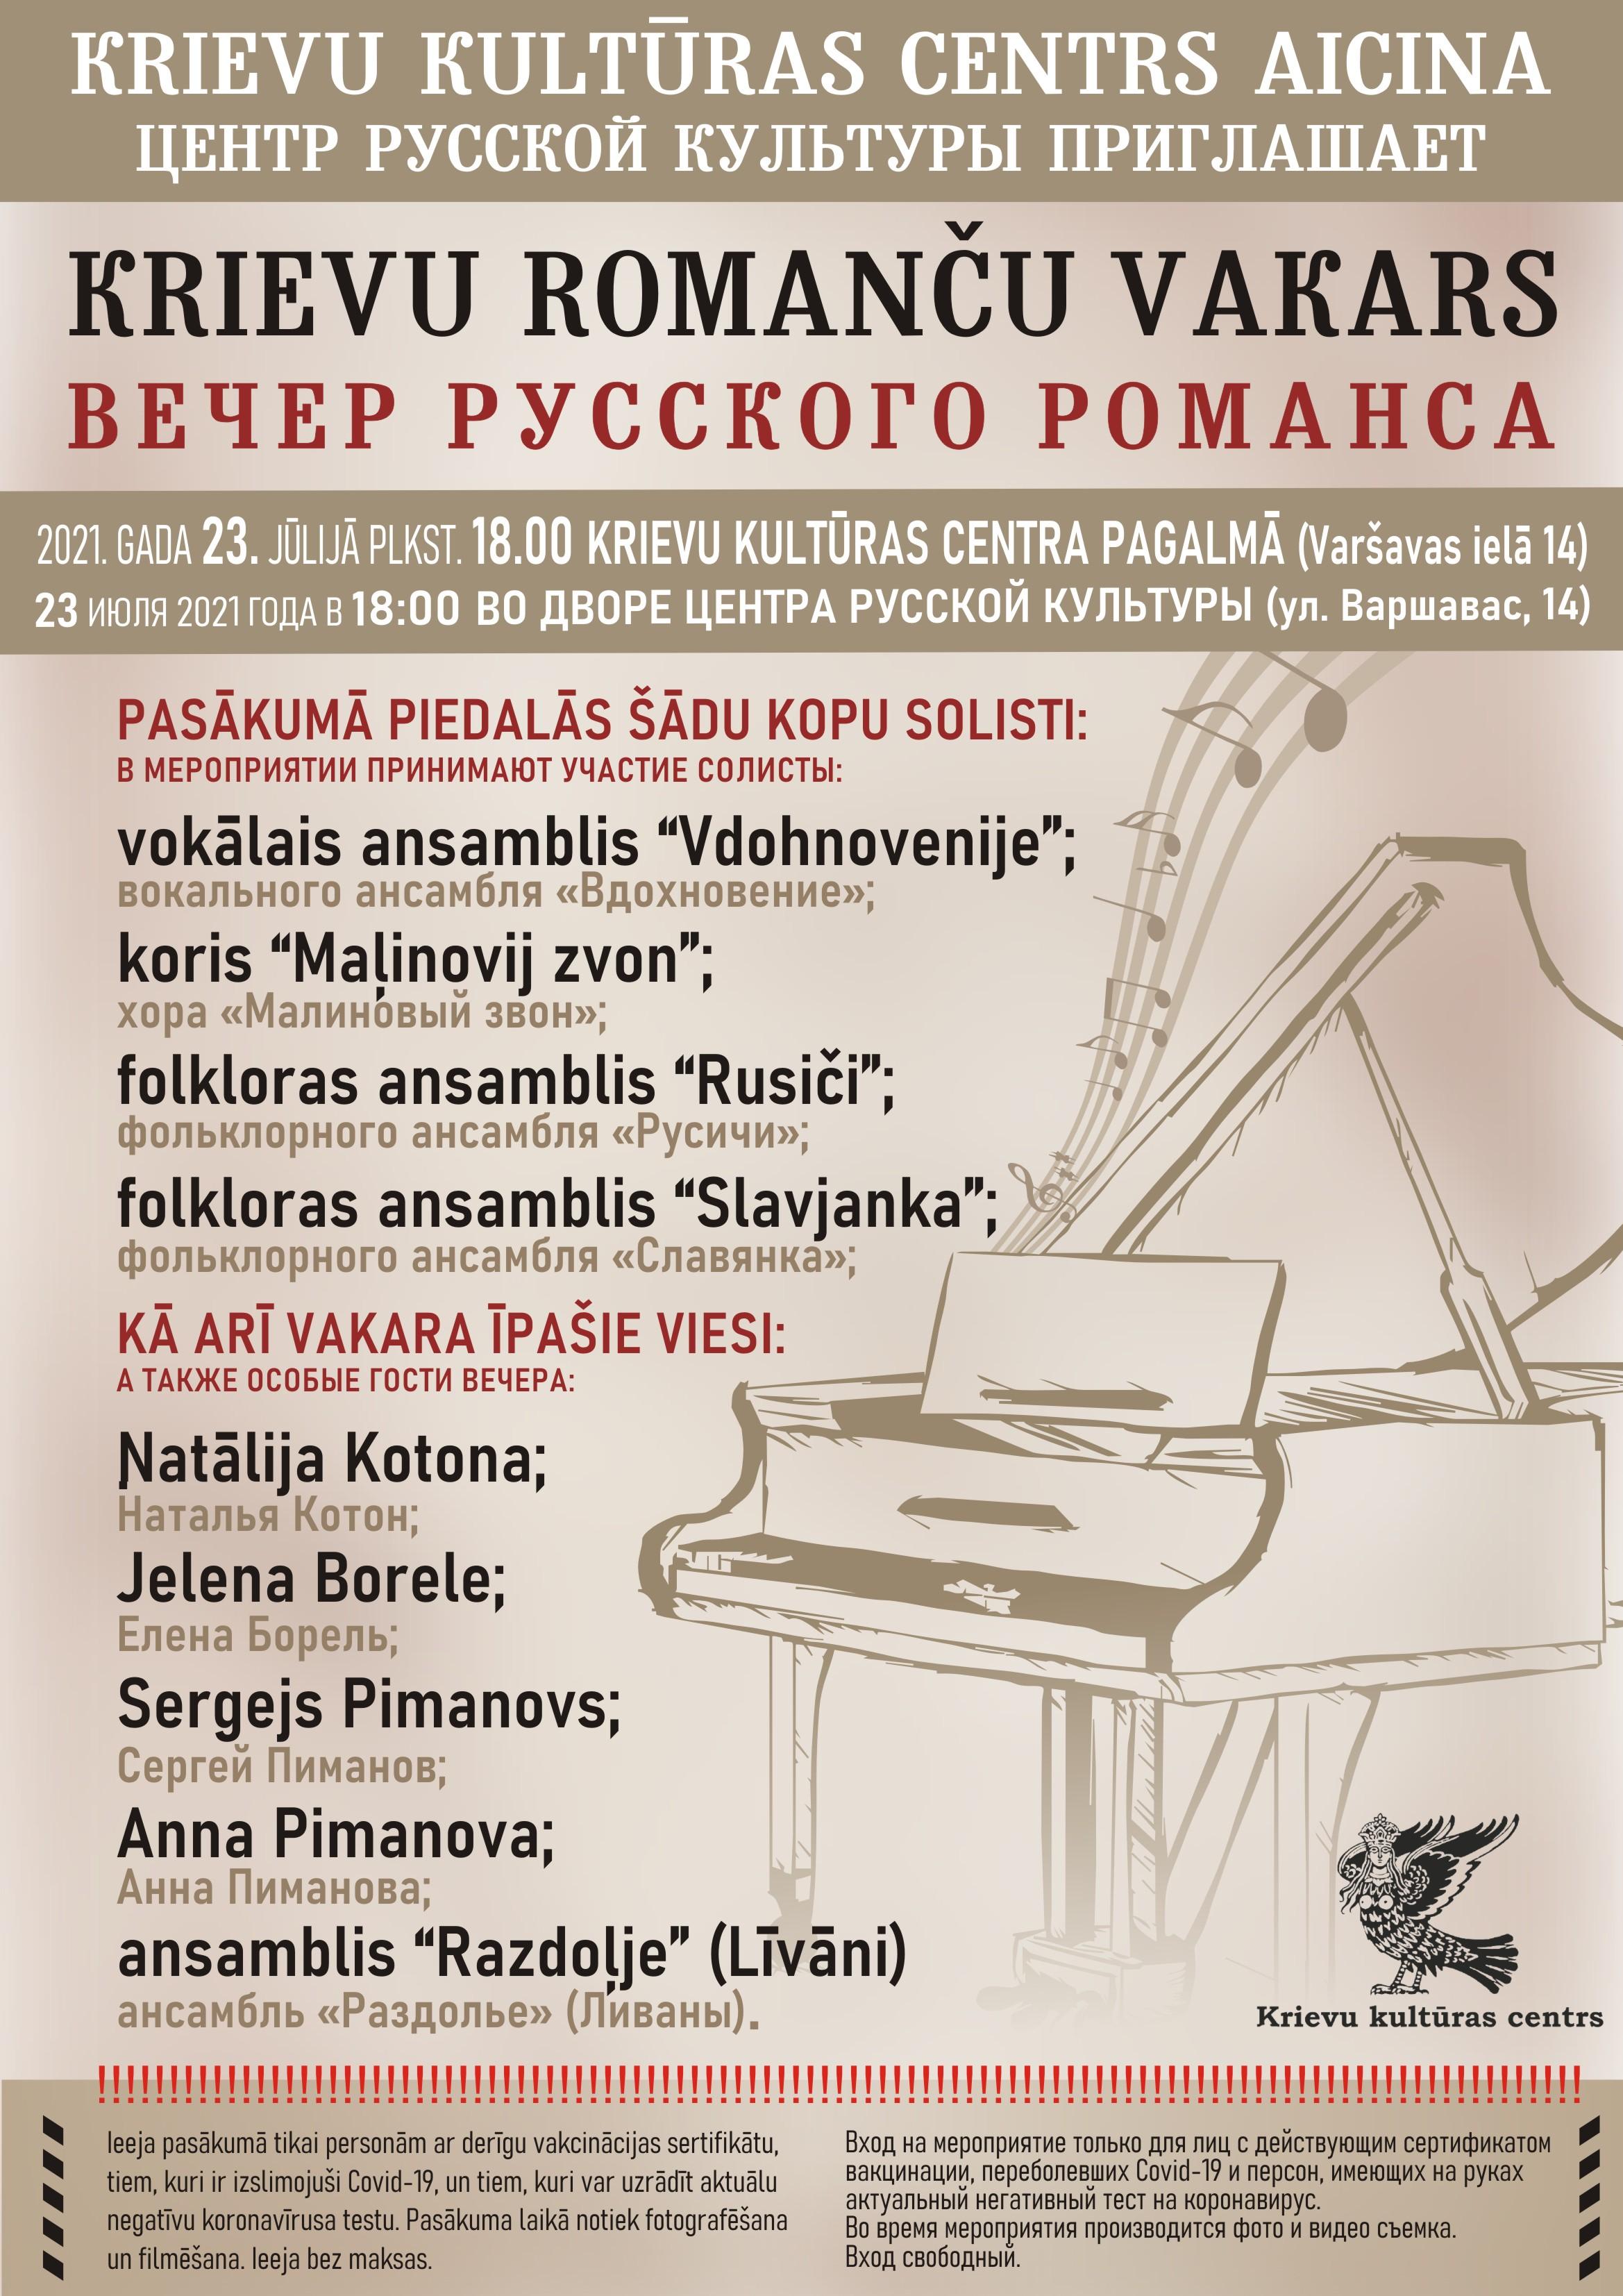 Центр русской культуры приглашает на вечер русского романса